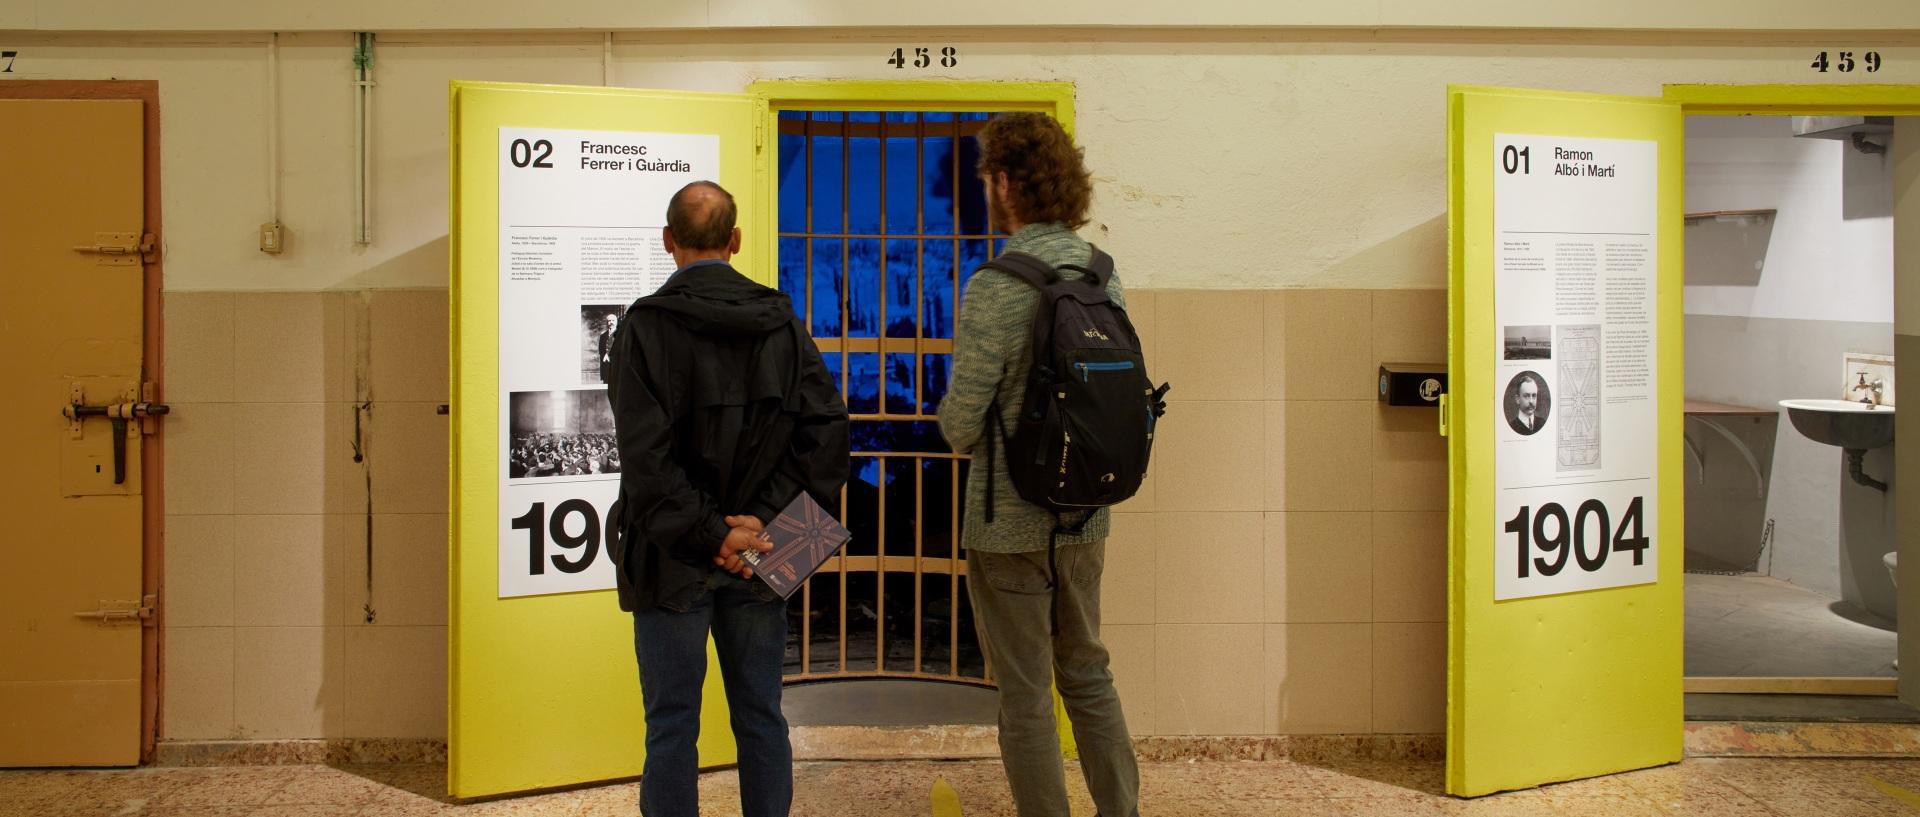 Visita museizada a la Presó Model. Celdas 2 y 1. Puertas amarillas y visitantes.